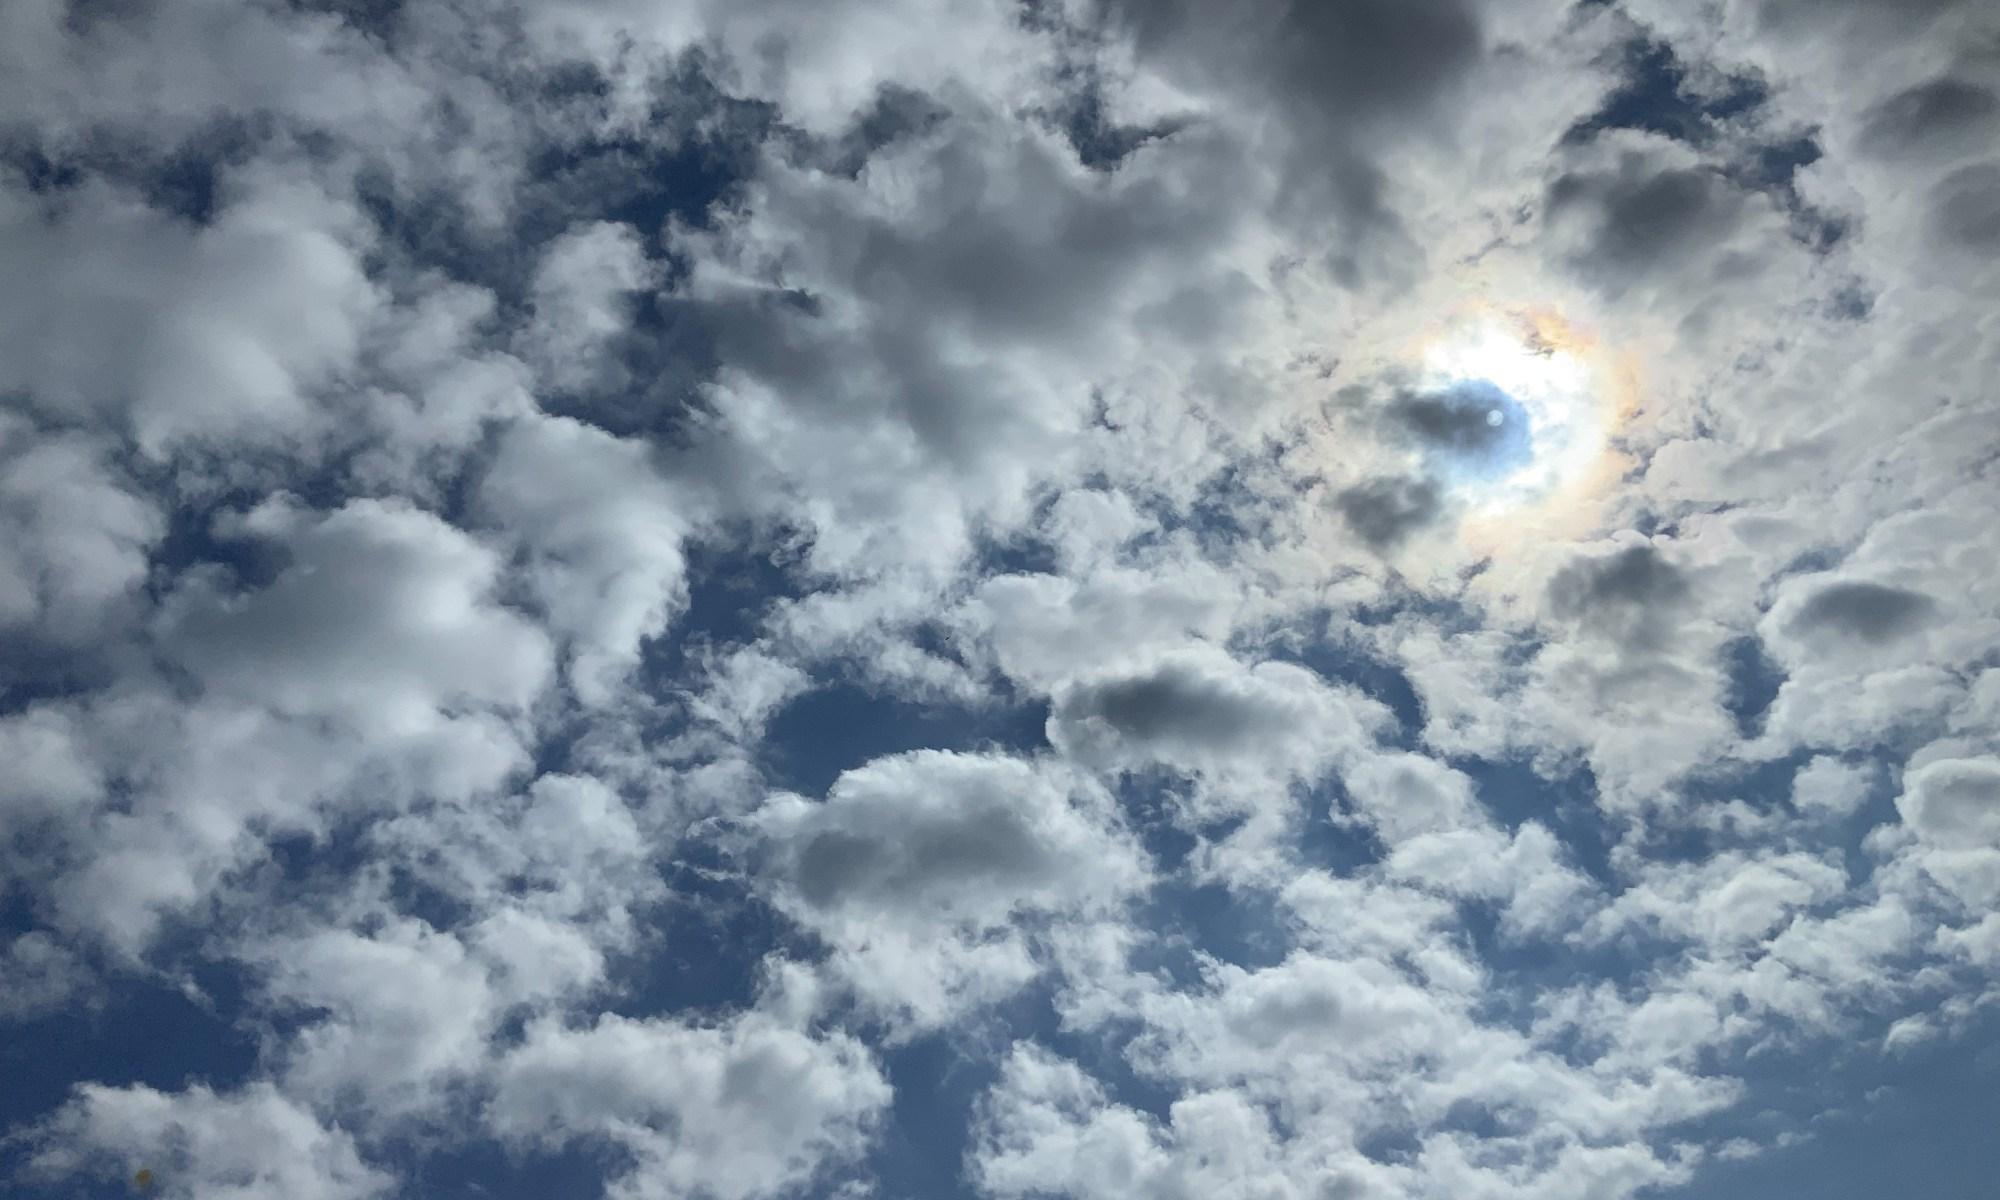 Soleil perçant les nuages en mouvement